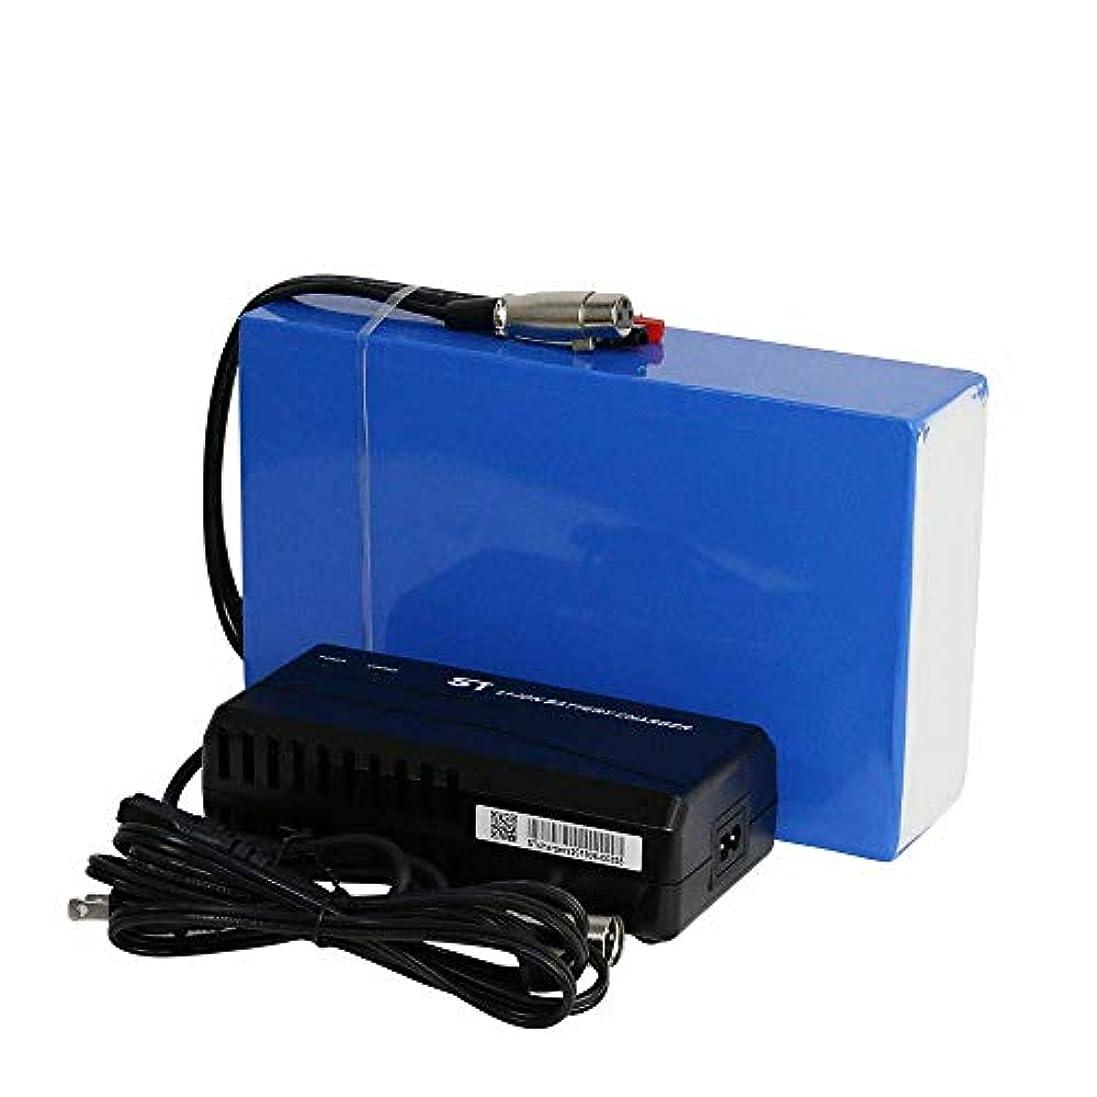 無知章また明日ねMXS 52V Ebikeバッテリー、52V 20Ah電動自転車バッテリー(750w-1500w Motor-Li-ion大人用Ebikeバッテリー用)